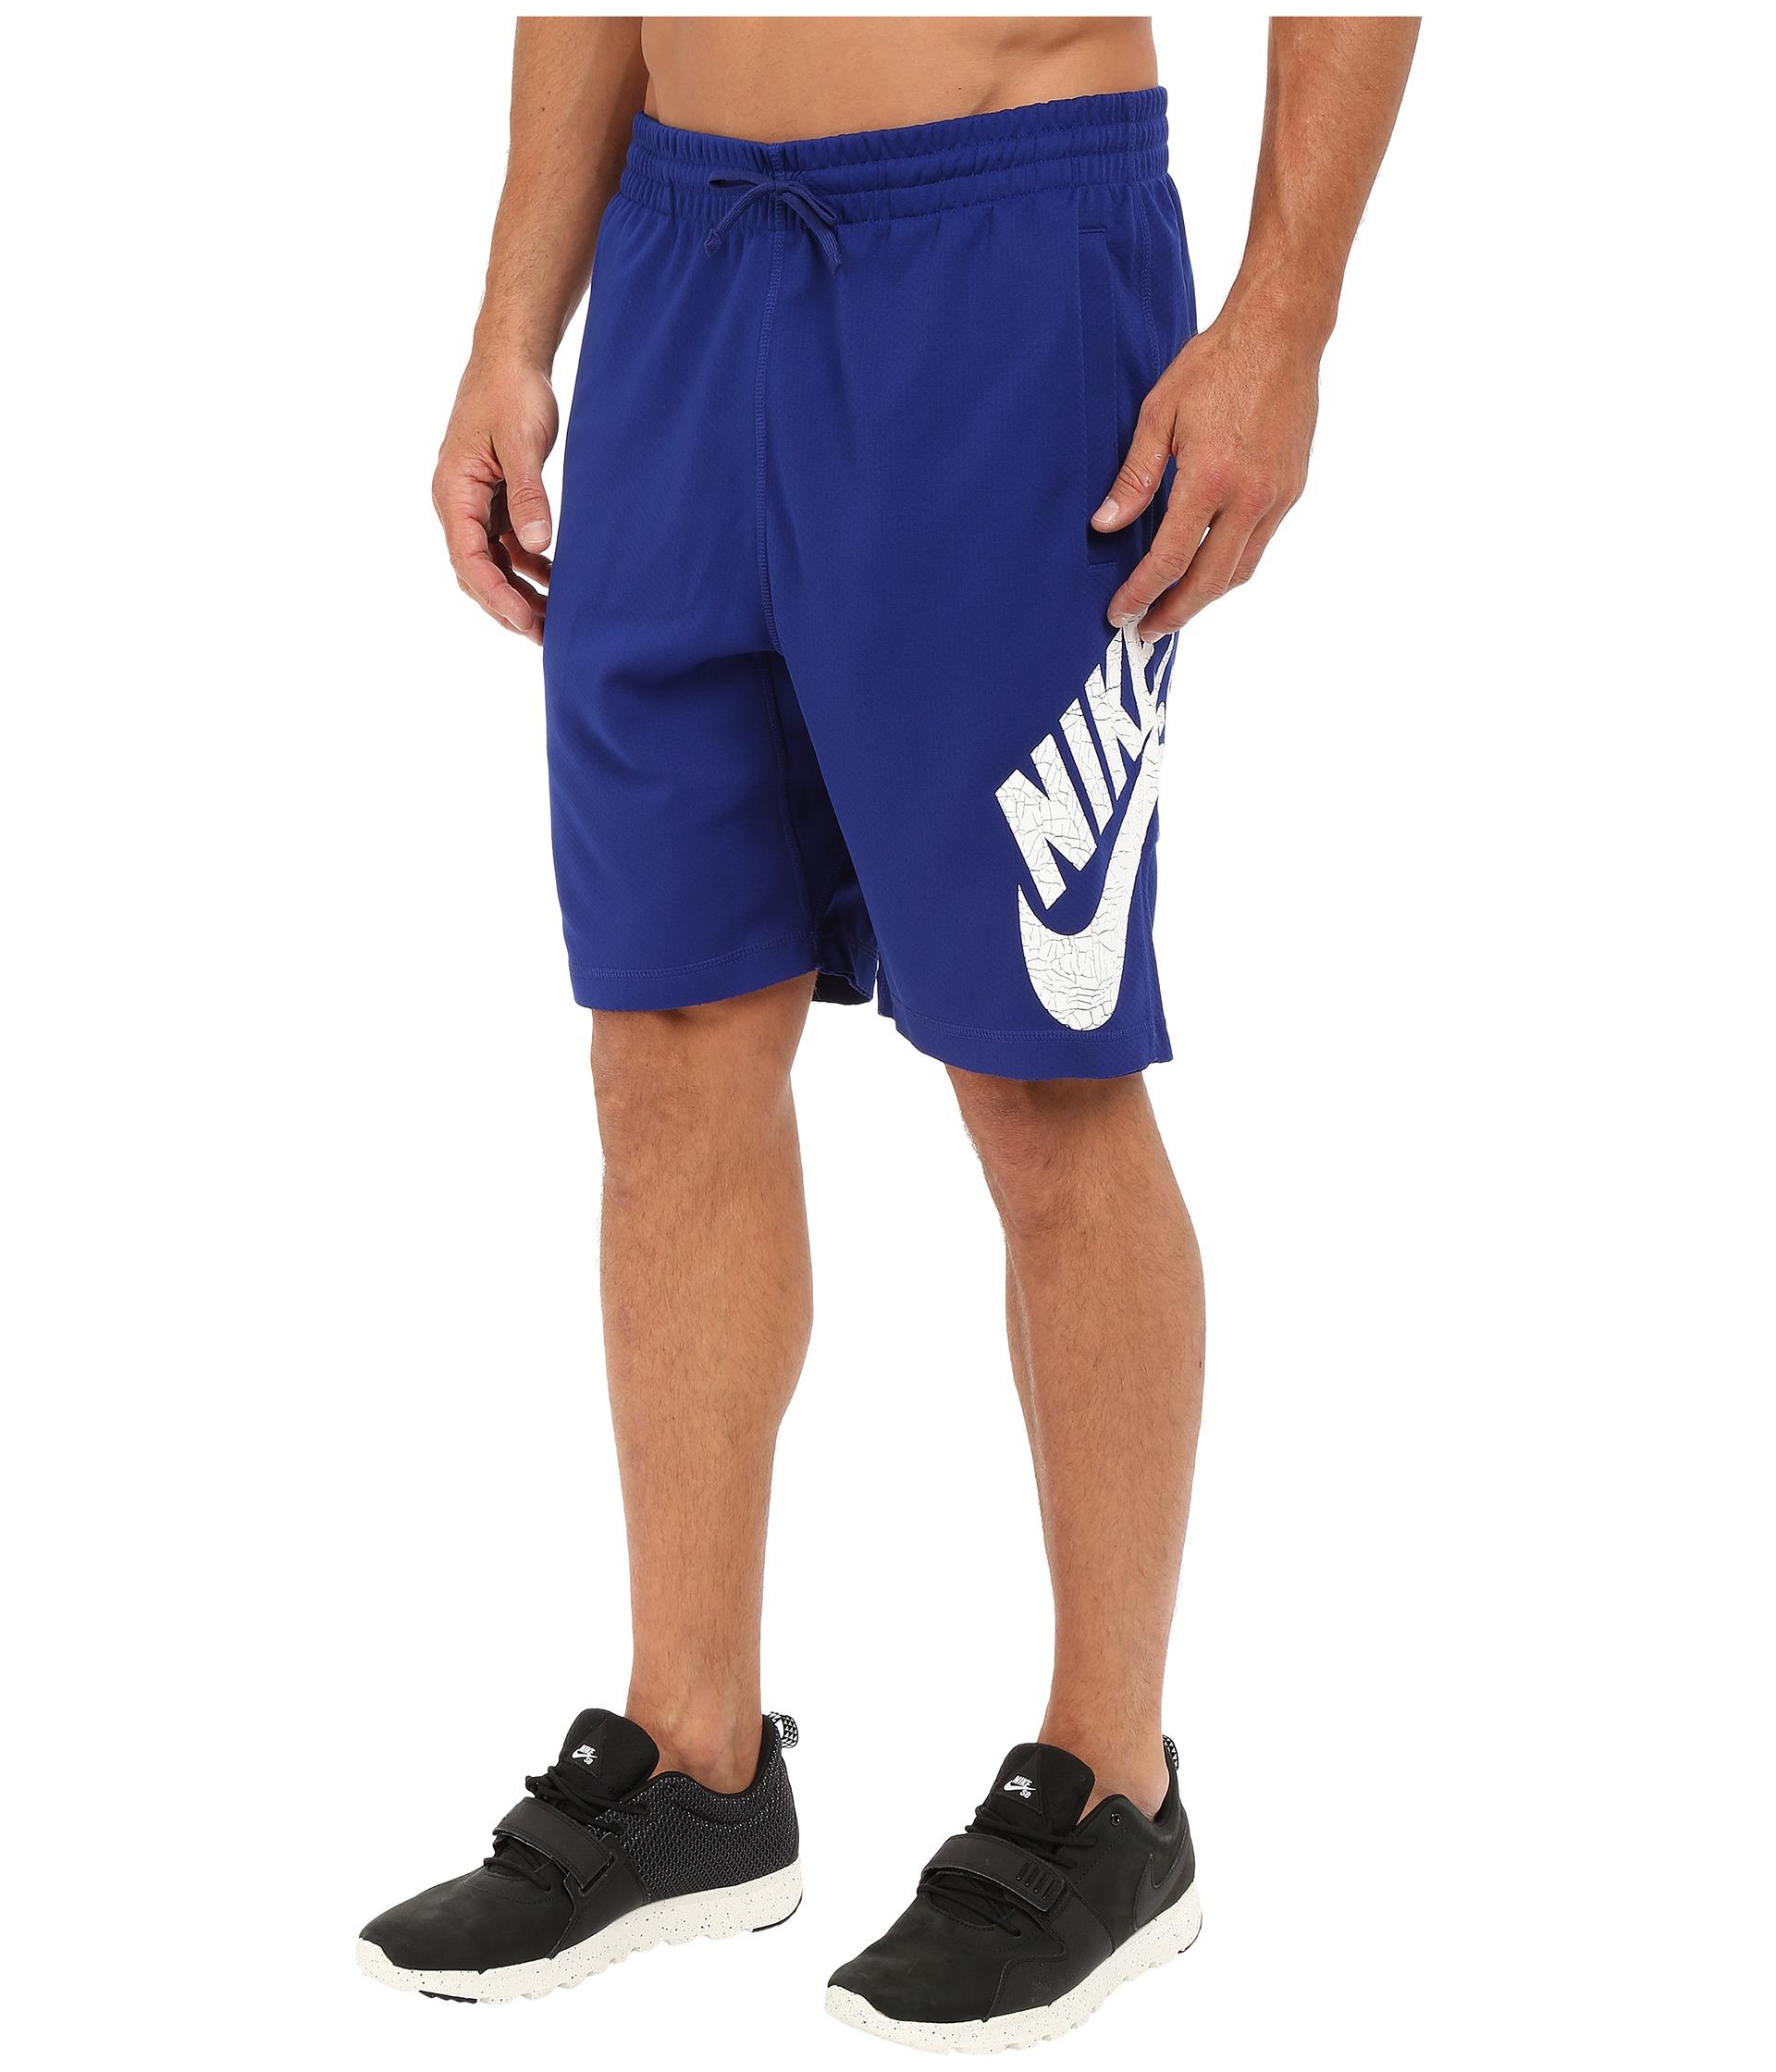 d6b98bd1f Nike SB Sunday Dri Fit Shorts - Black/White